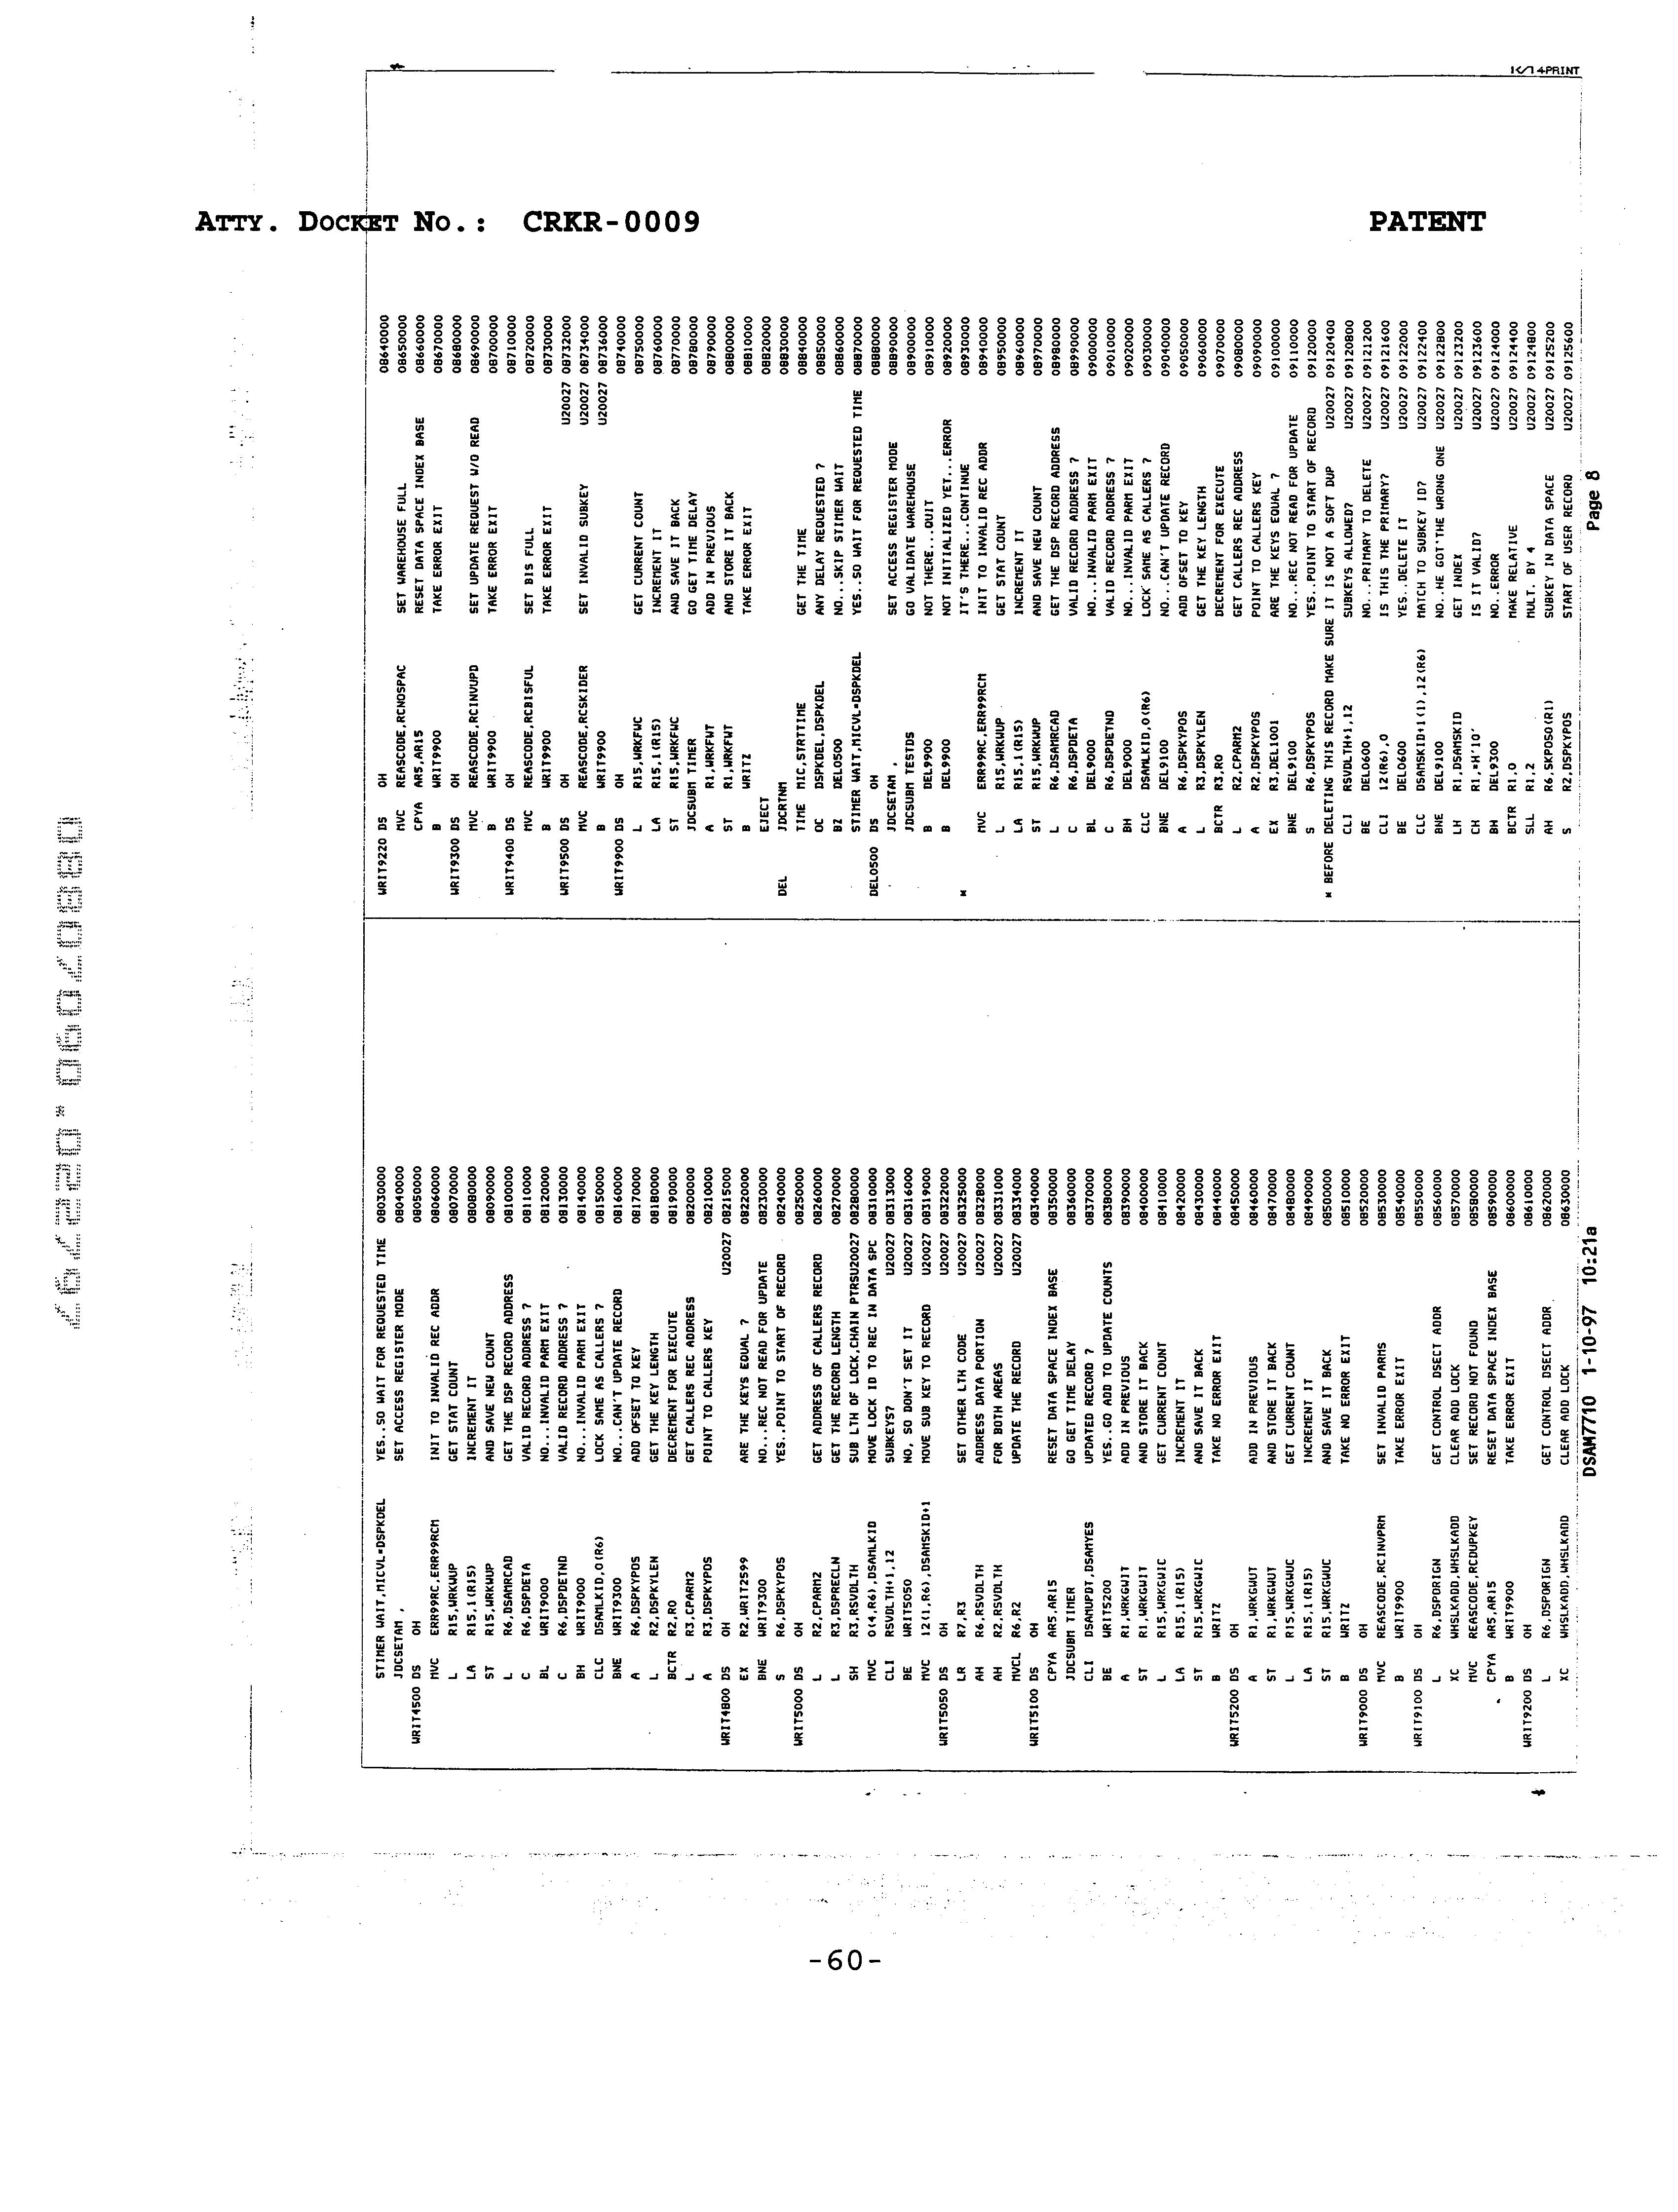 Figure US06301379-20011009-P00018